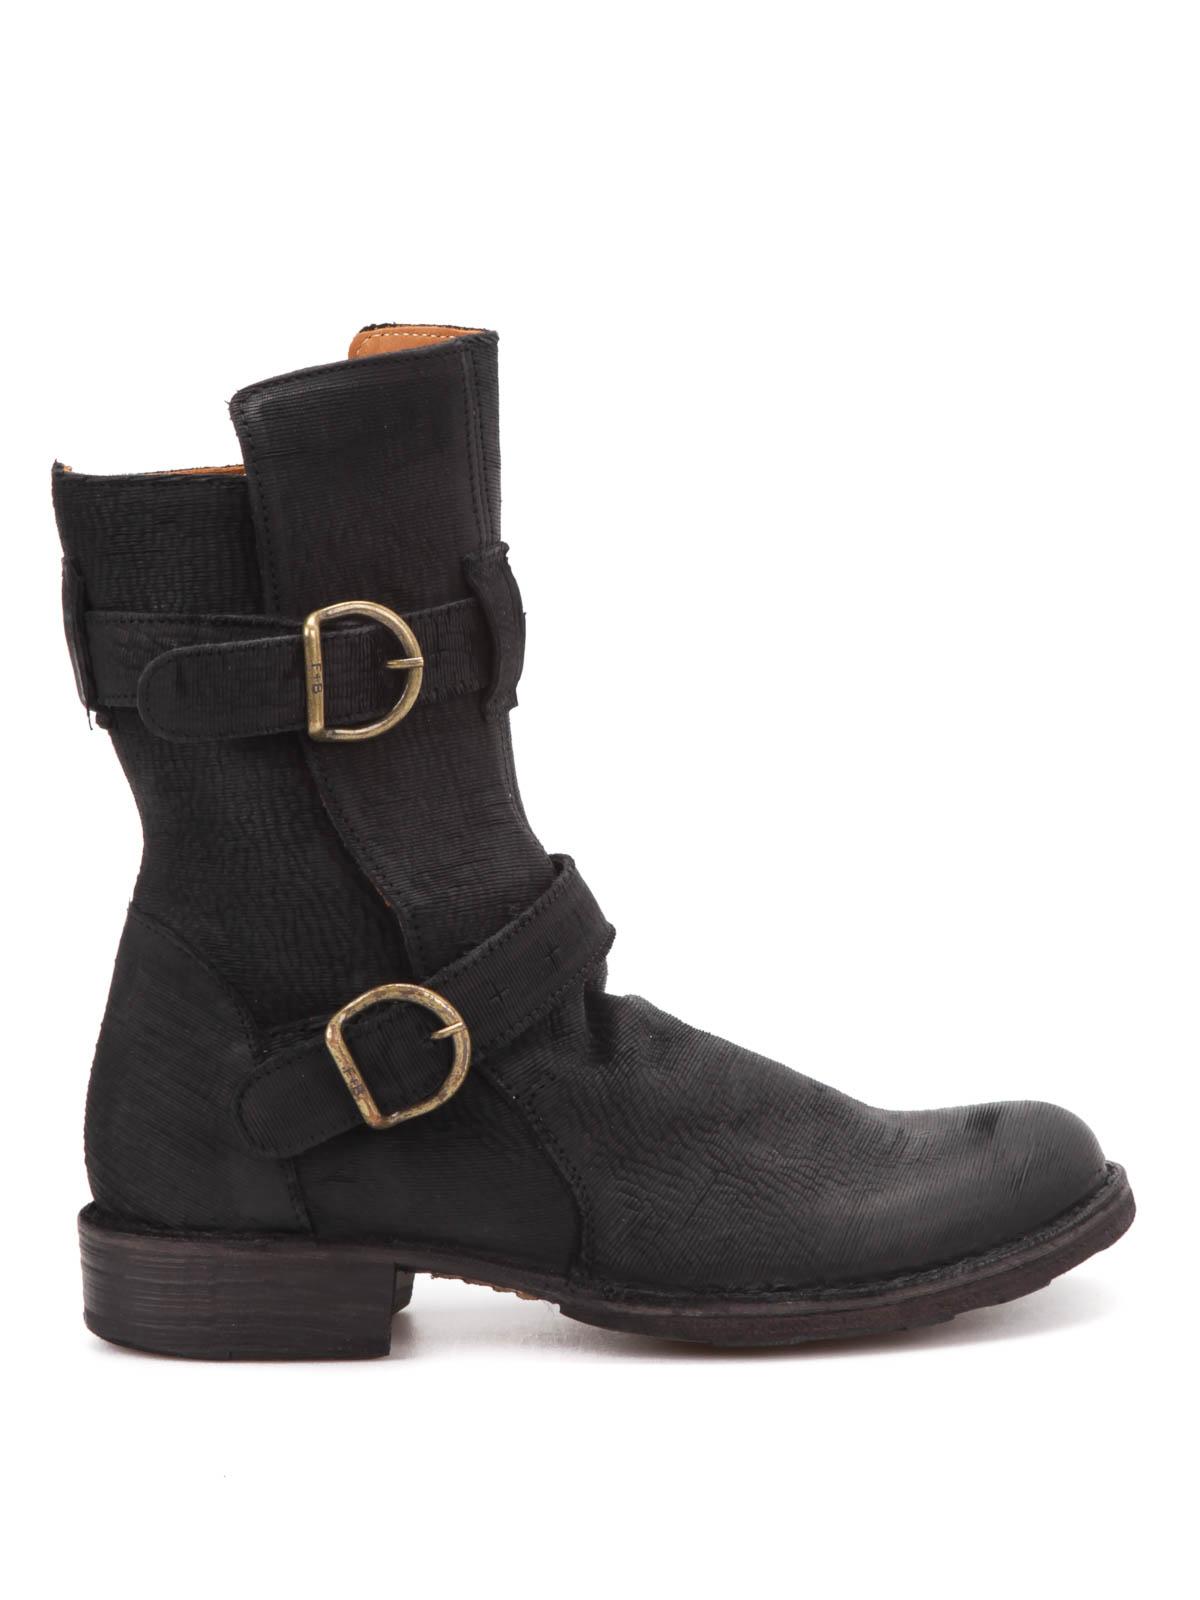 Ma gli stivali da donna possono essere anche molto sexy e femminili, diventando un incredibile elemento di seduzione. Basterà virare sulle categorie cuissardes, leggi stivali dal gambale altissimo che arriva a coprire anche parte della coscia.